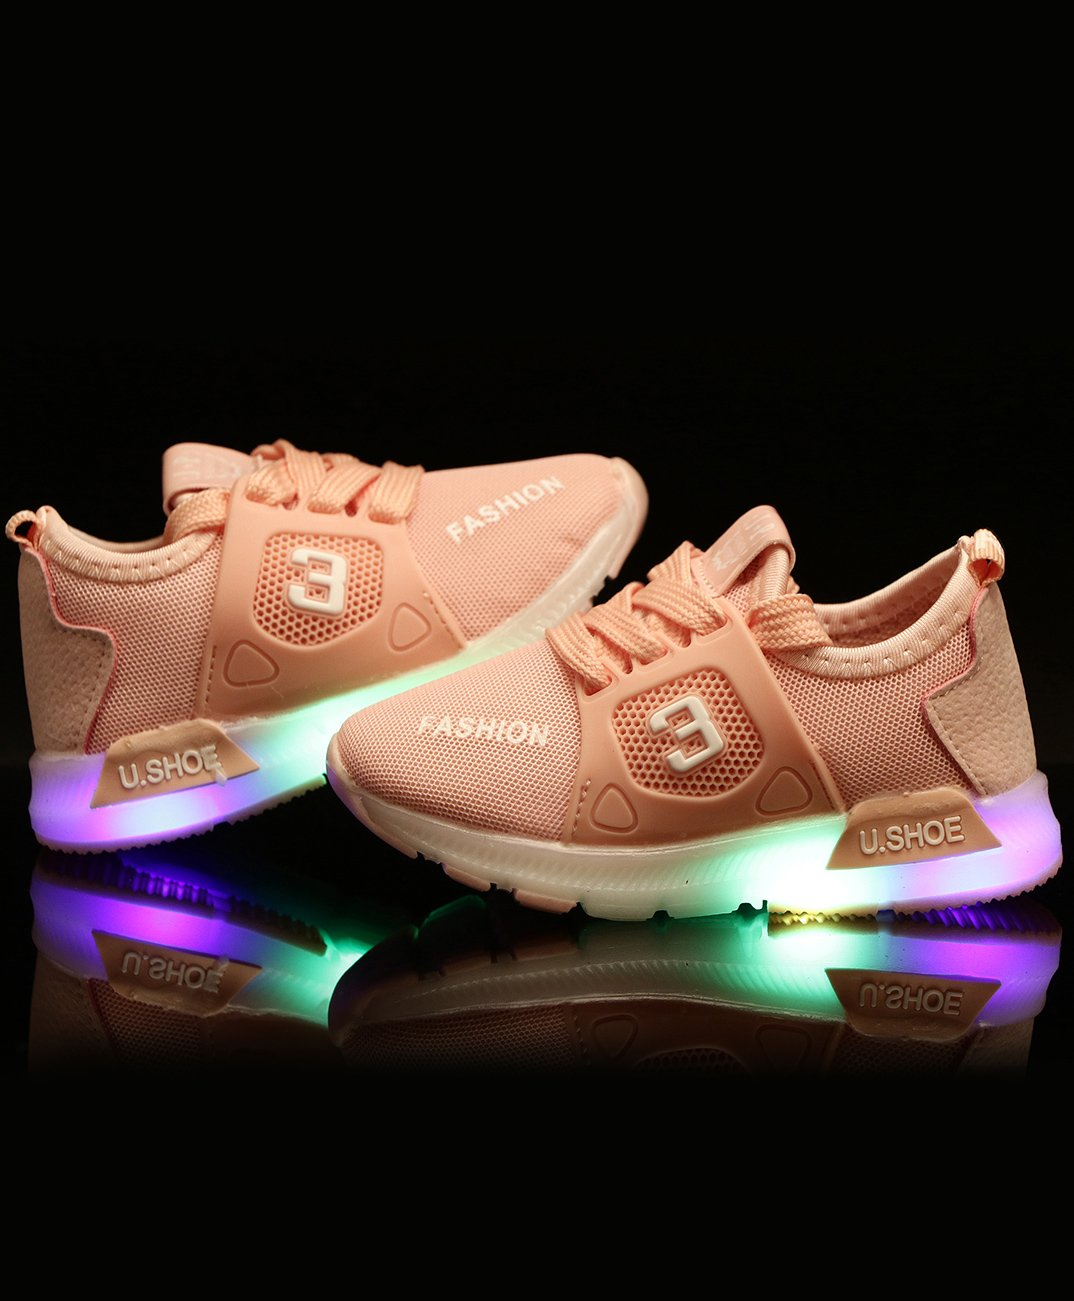 Buy PASSION PETALS 3 Print LED Shoes